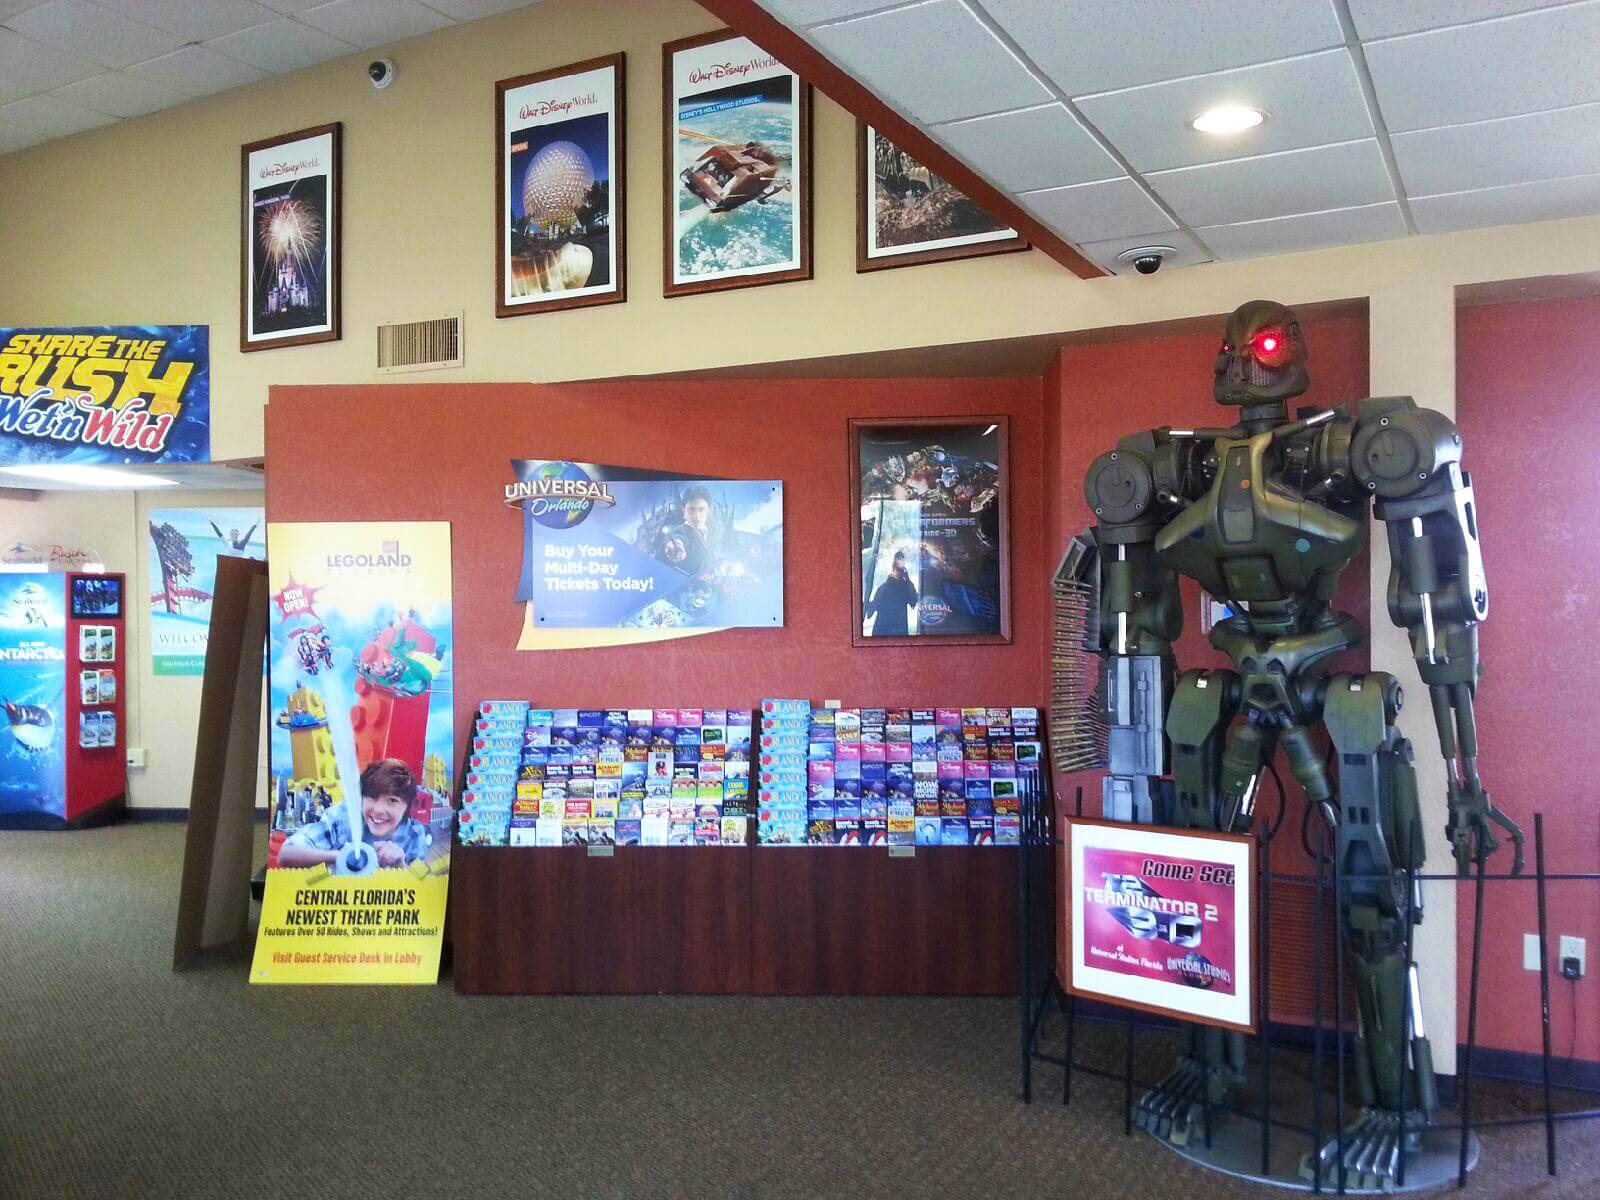 Inside an Orlando Tourism Welcome Center